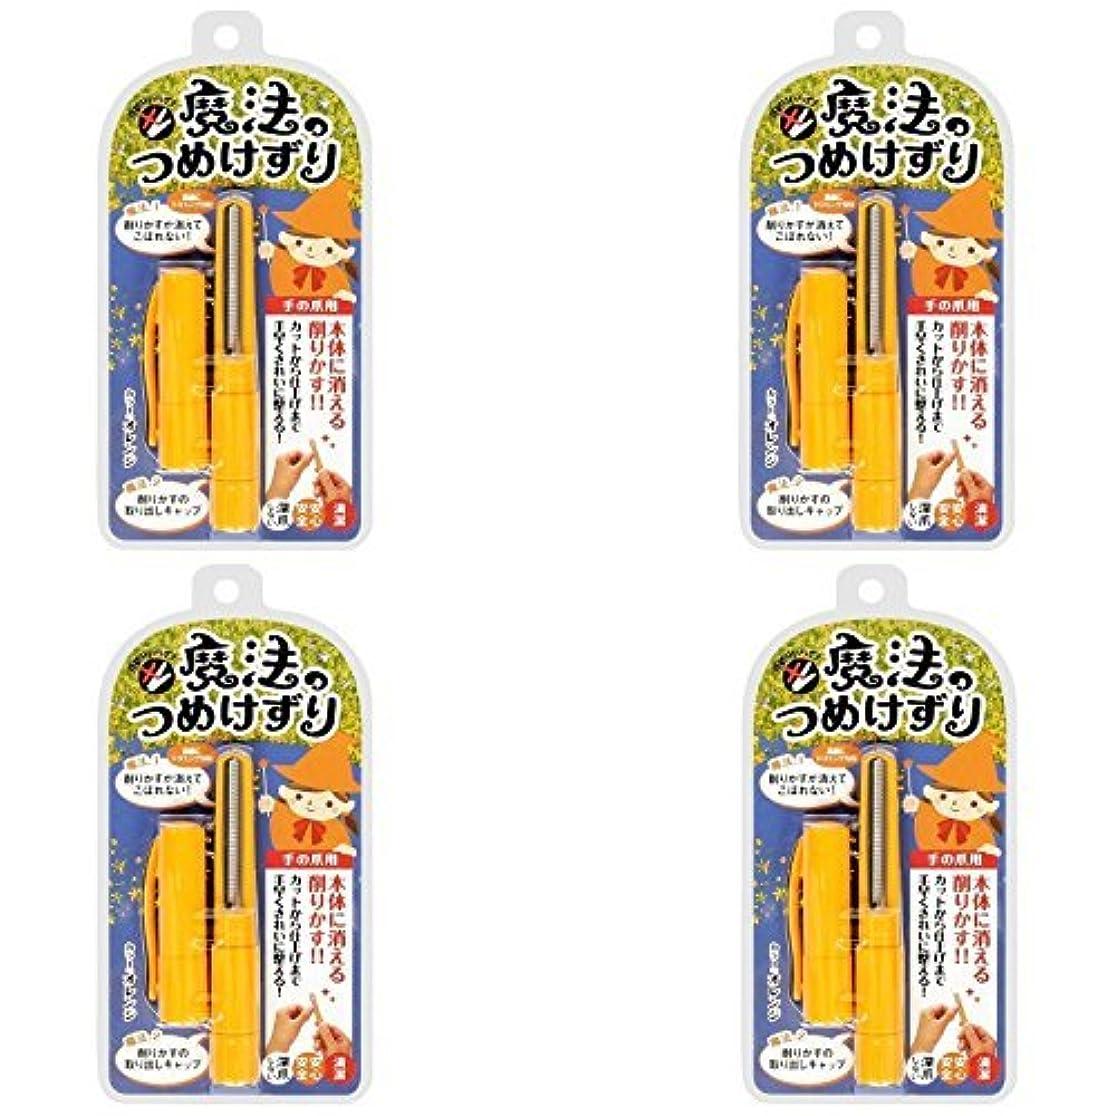 爆発するトランク経営者【セット品】松本金型 魔法のつめけずり MM-090 オレンジ ×4個